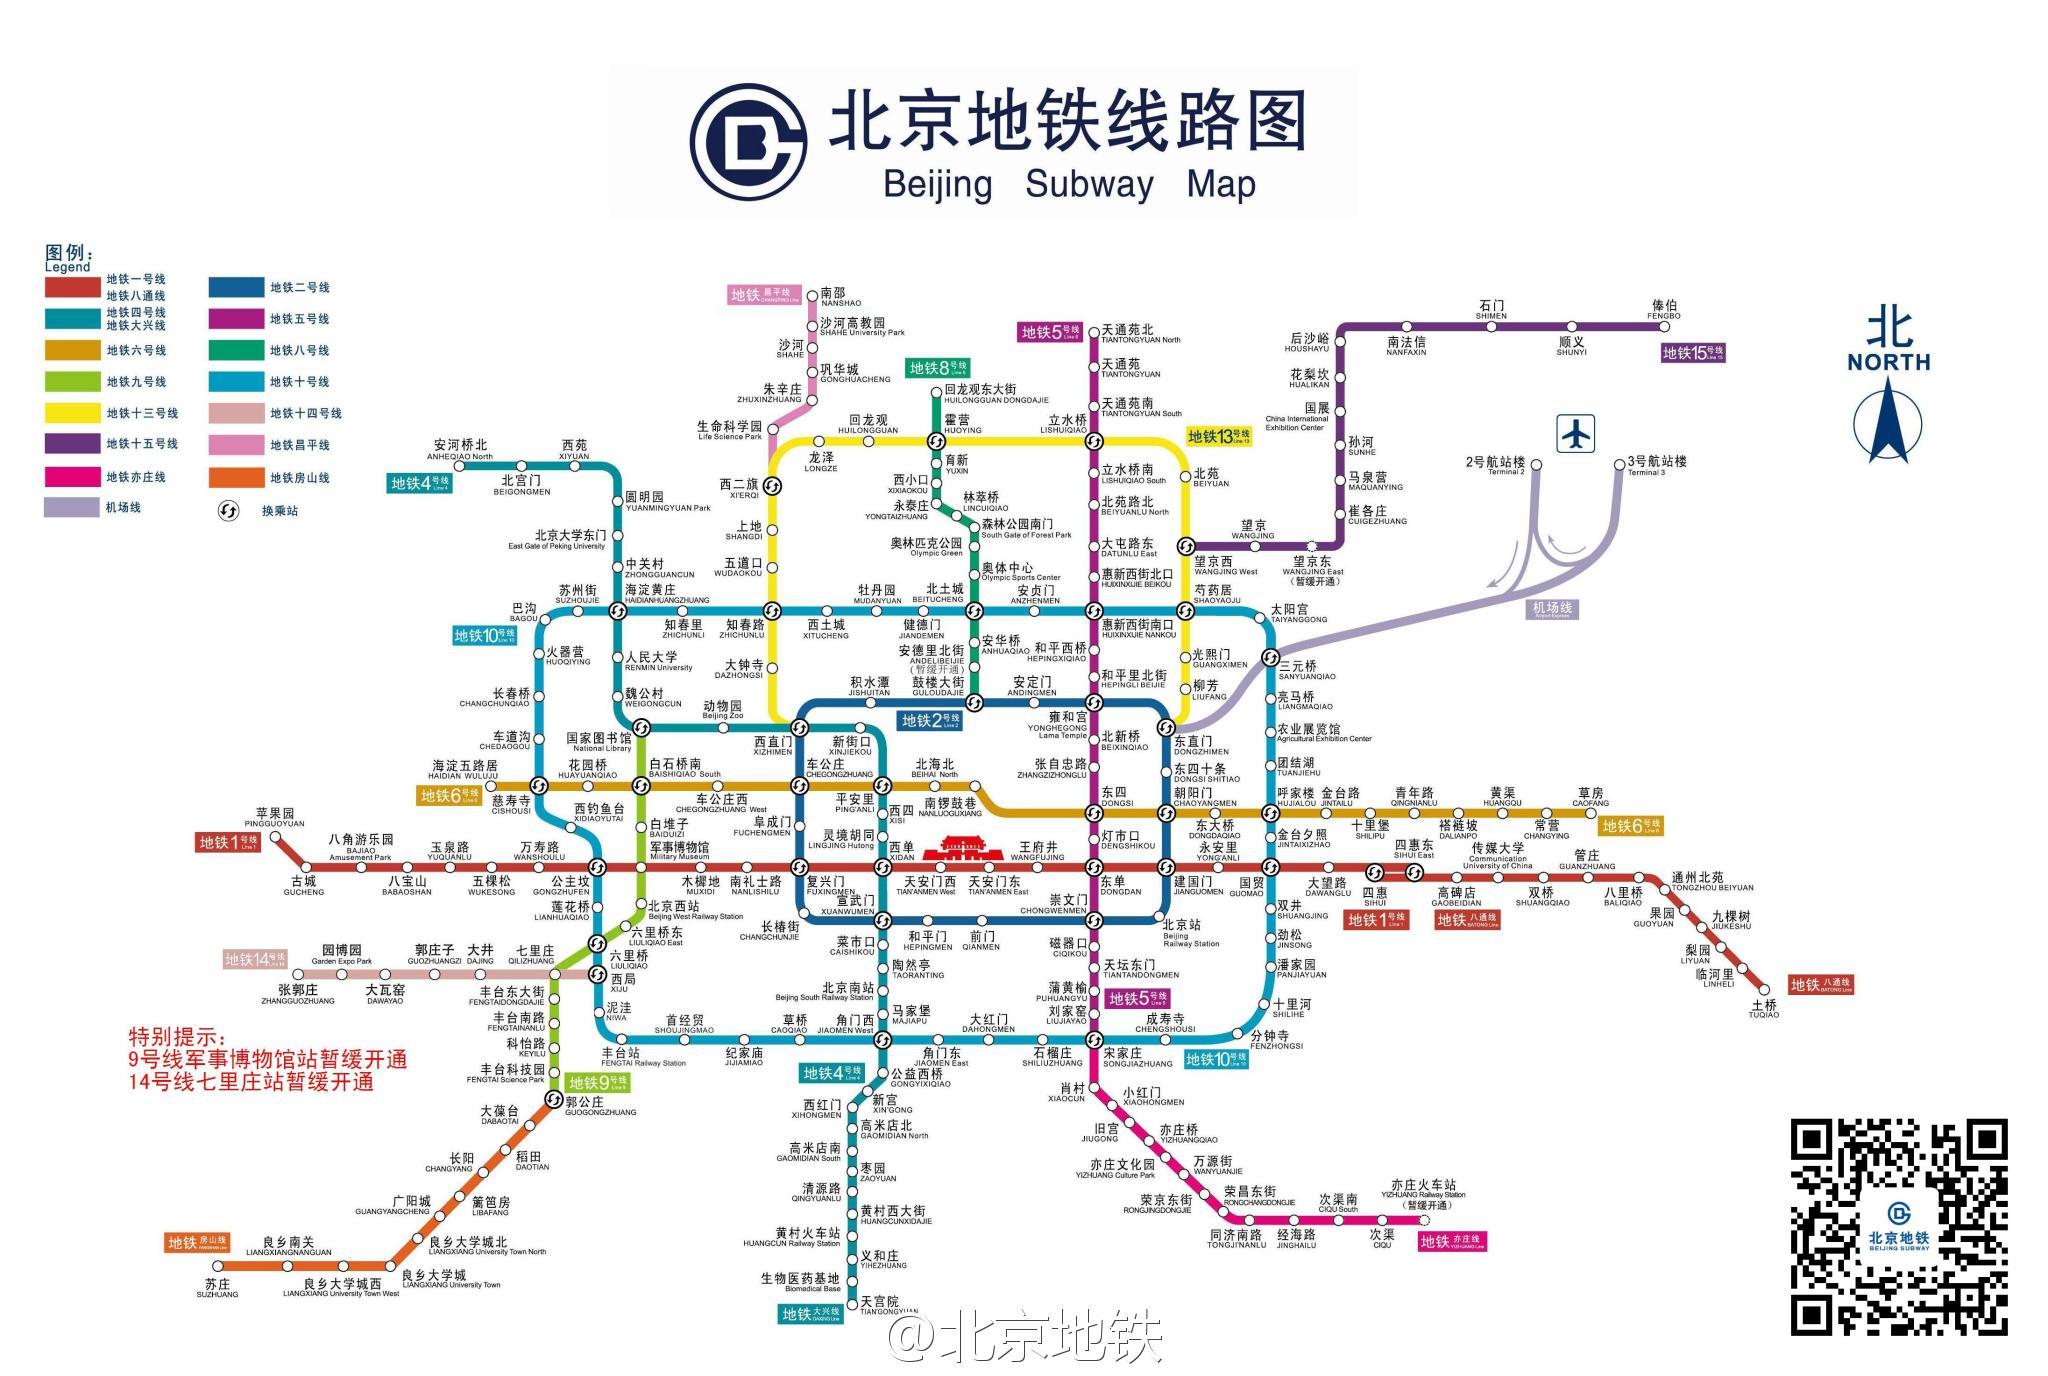 上海2013最新地铁图_谁有北京地铁线路图2013最新高清图_百度知道